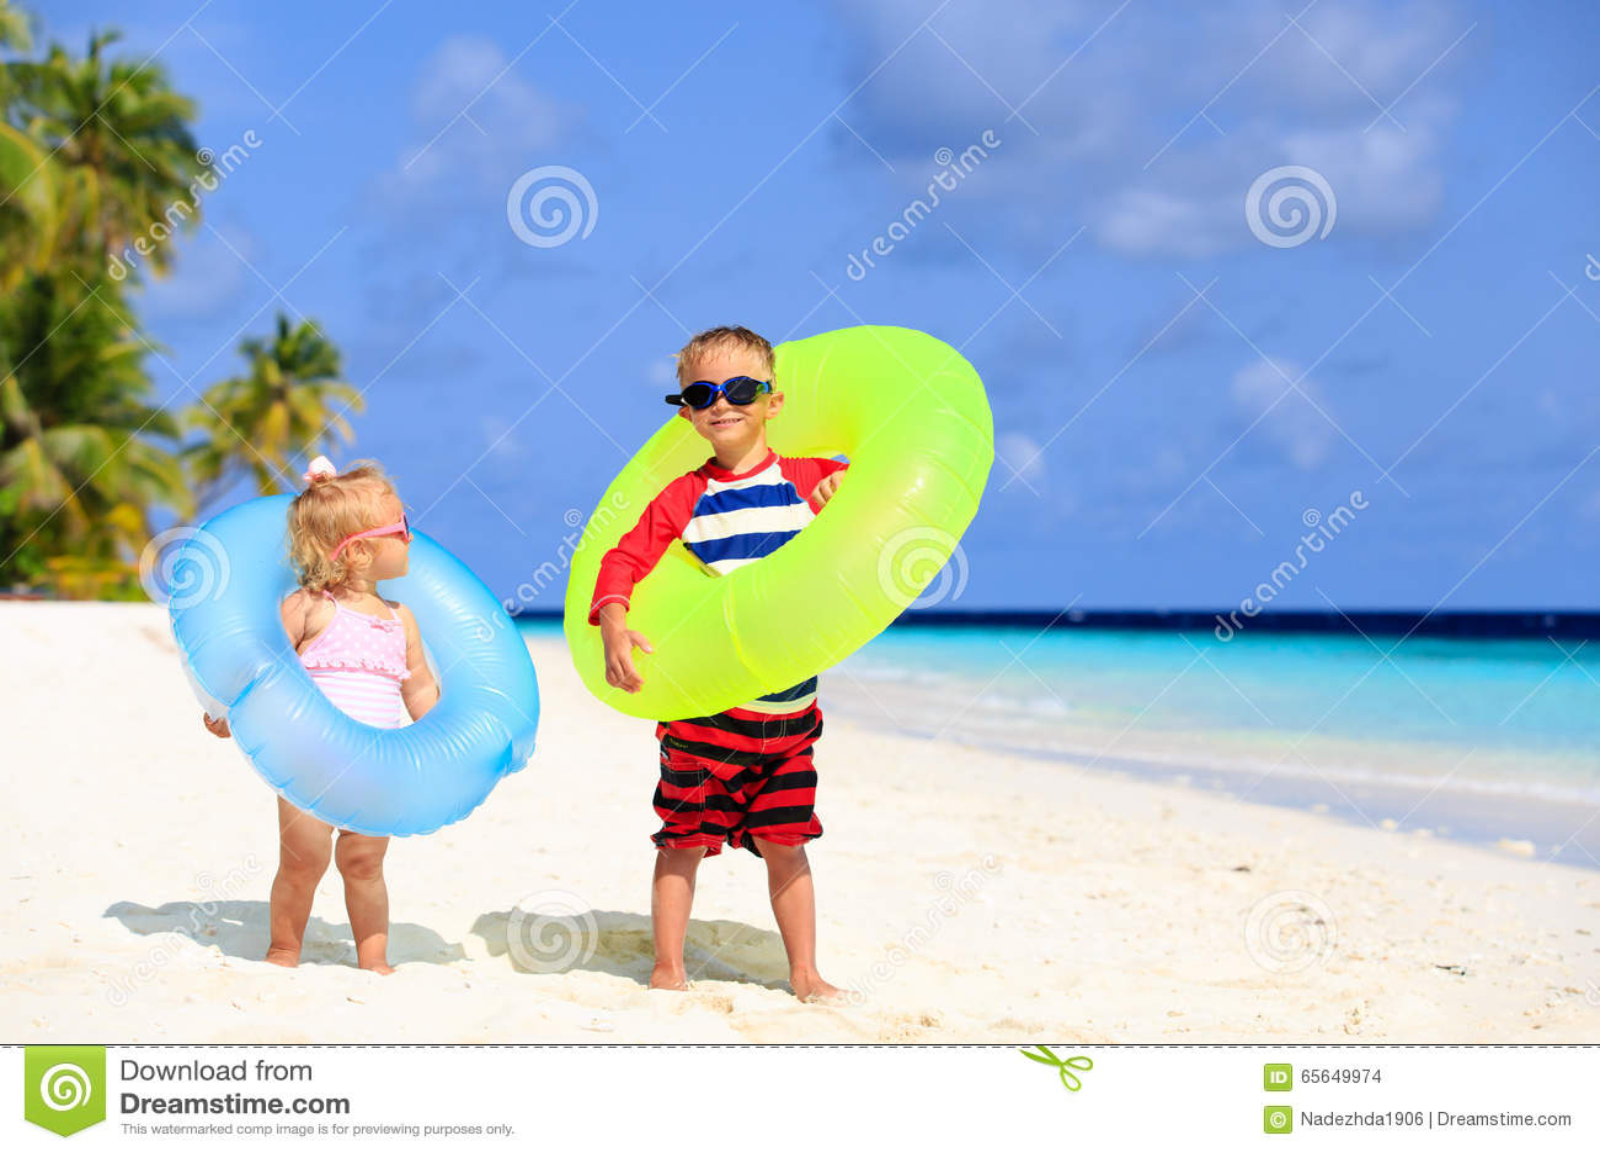 Petit la fille mignonne de garçon et d enfant en bas âge jouent sur la plage